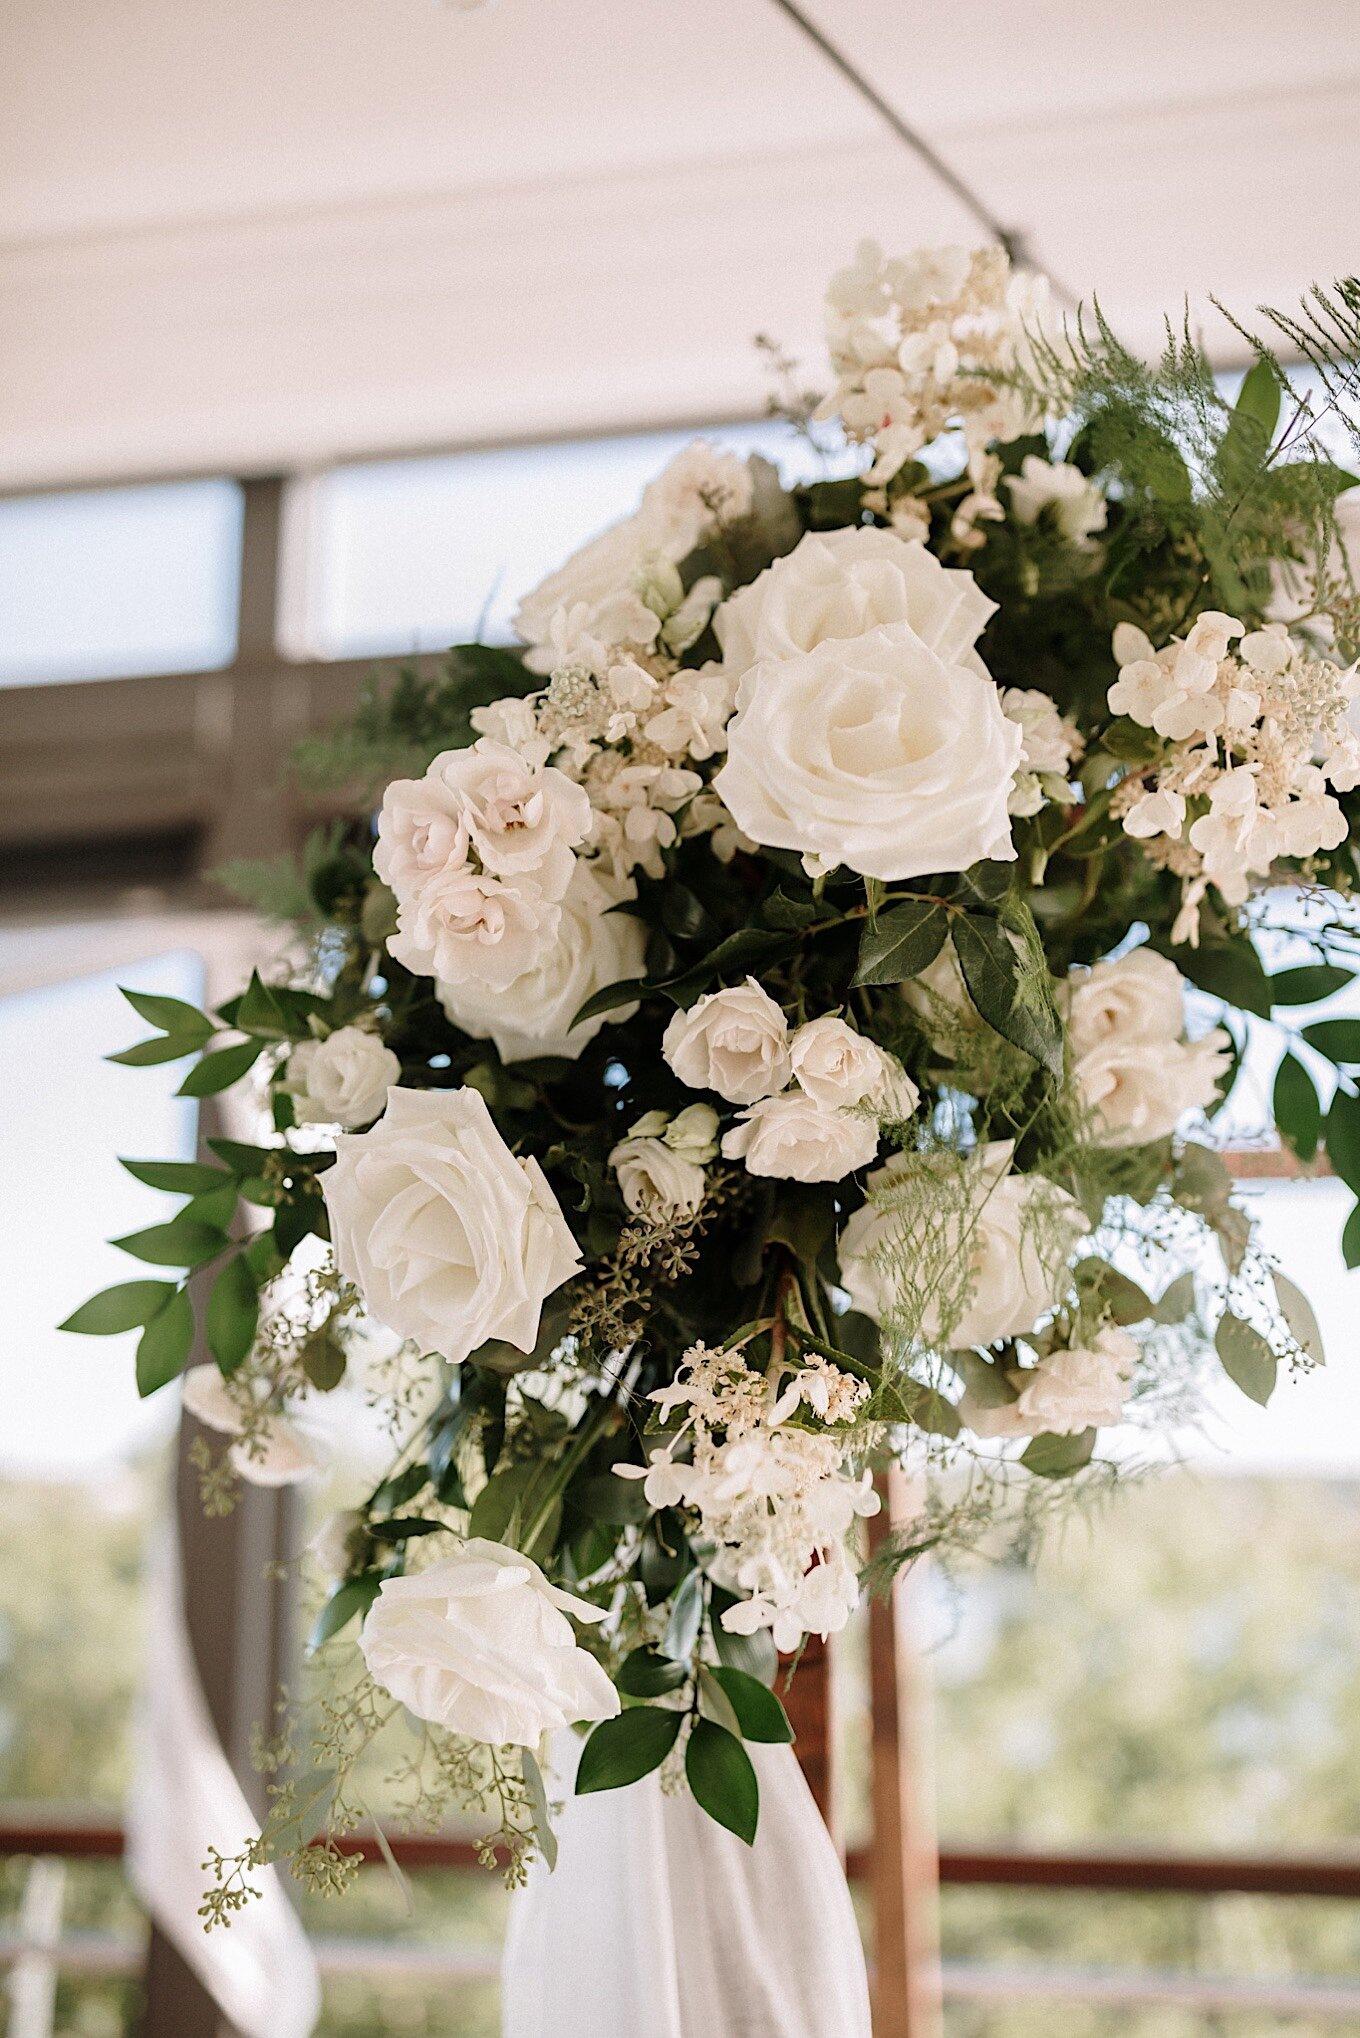 11_schutt-wedding-sneakpeek-15.jpg